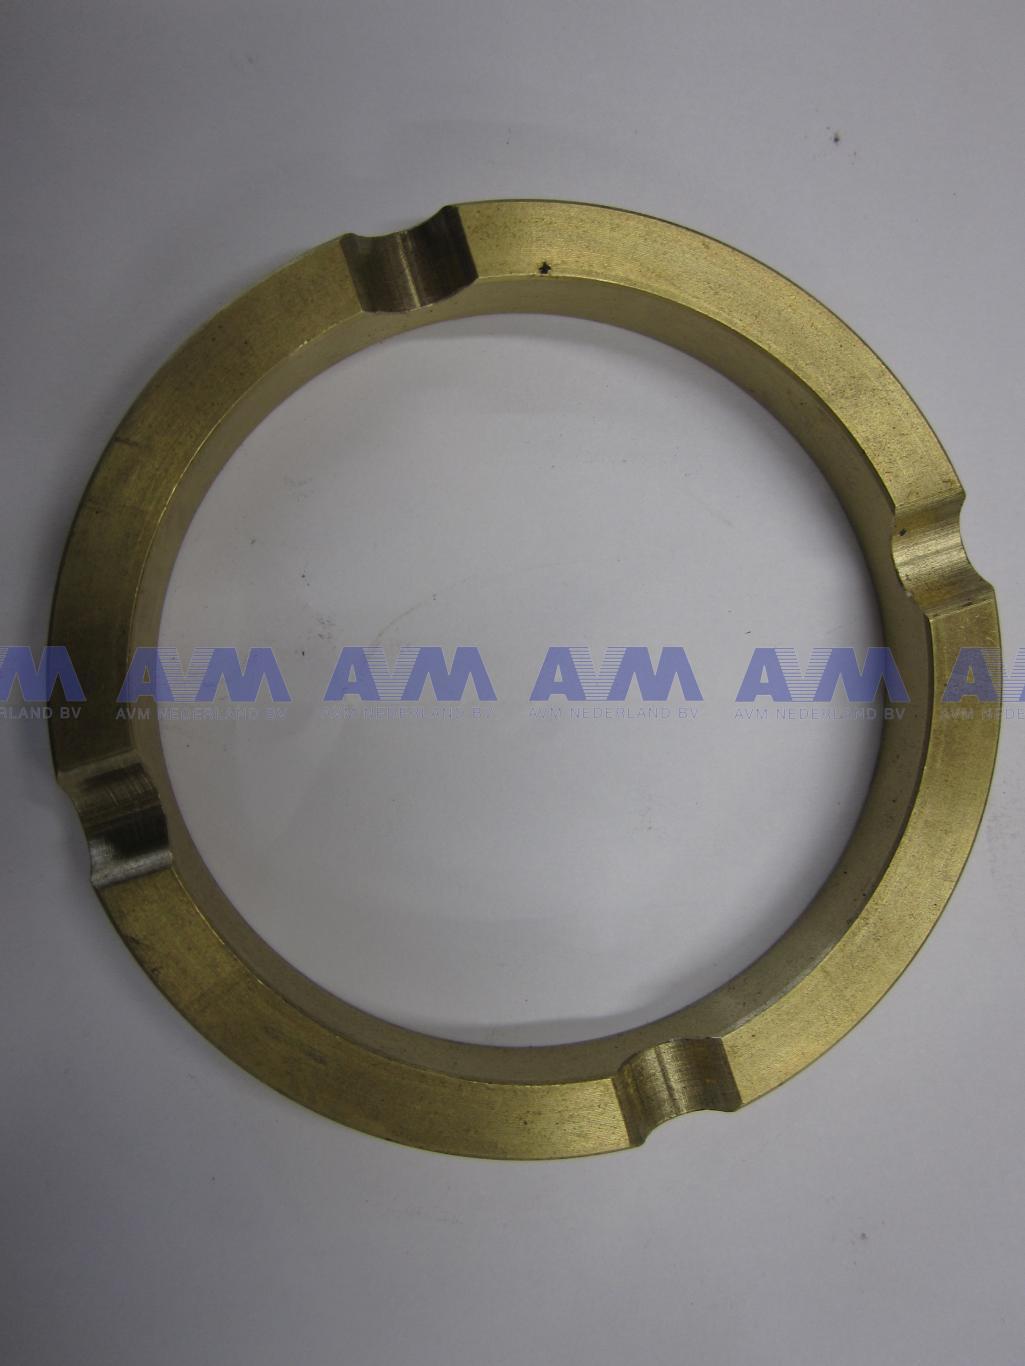 Aanloopring brons A-52454-72 PPM